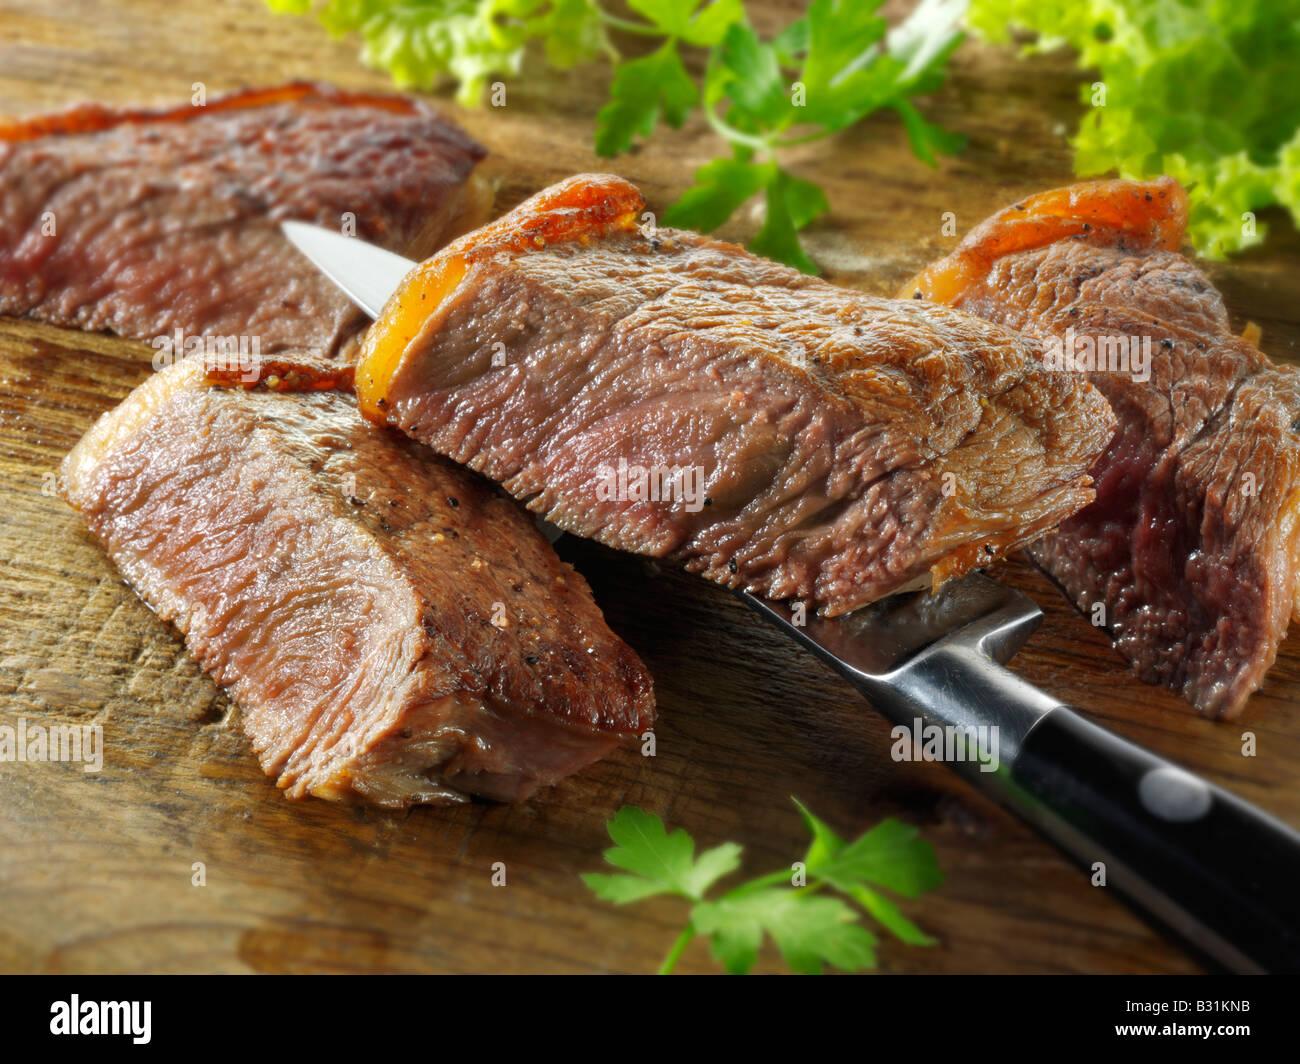 Lombata di carne di manzo - ben fatto Immagini Stock